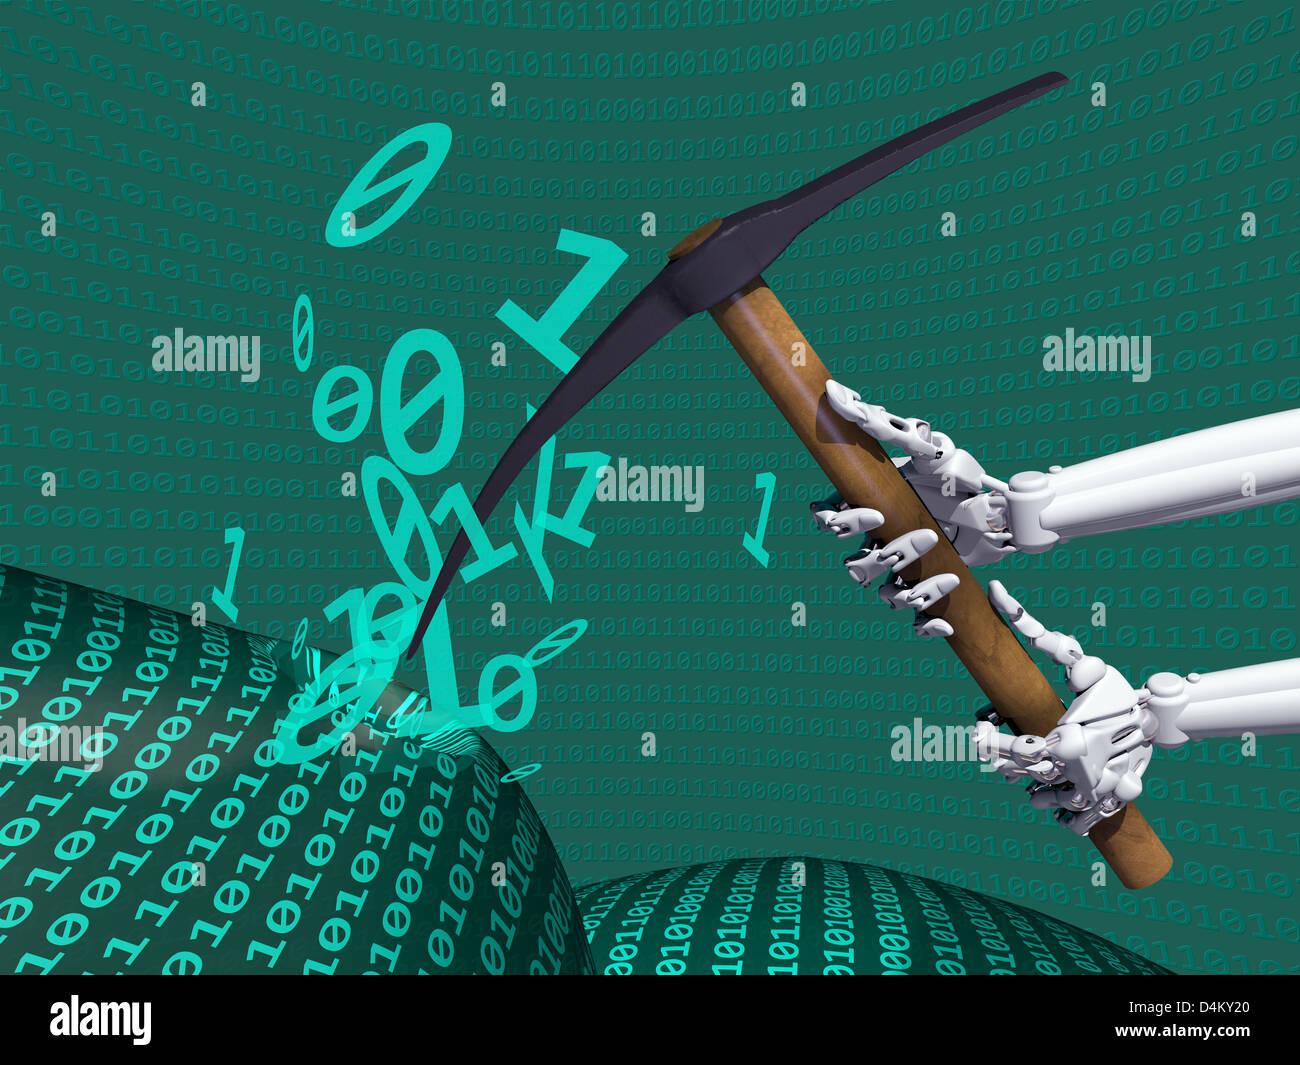 Illustrazione raffigurante il data mining di informazioni sul computer Immagini Stock